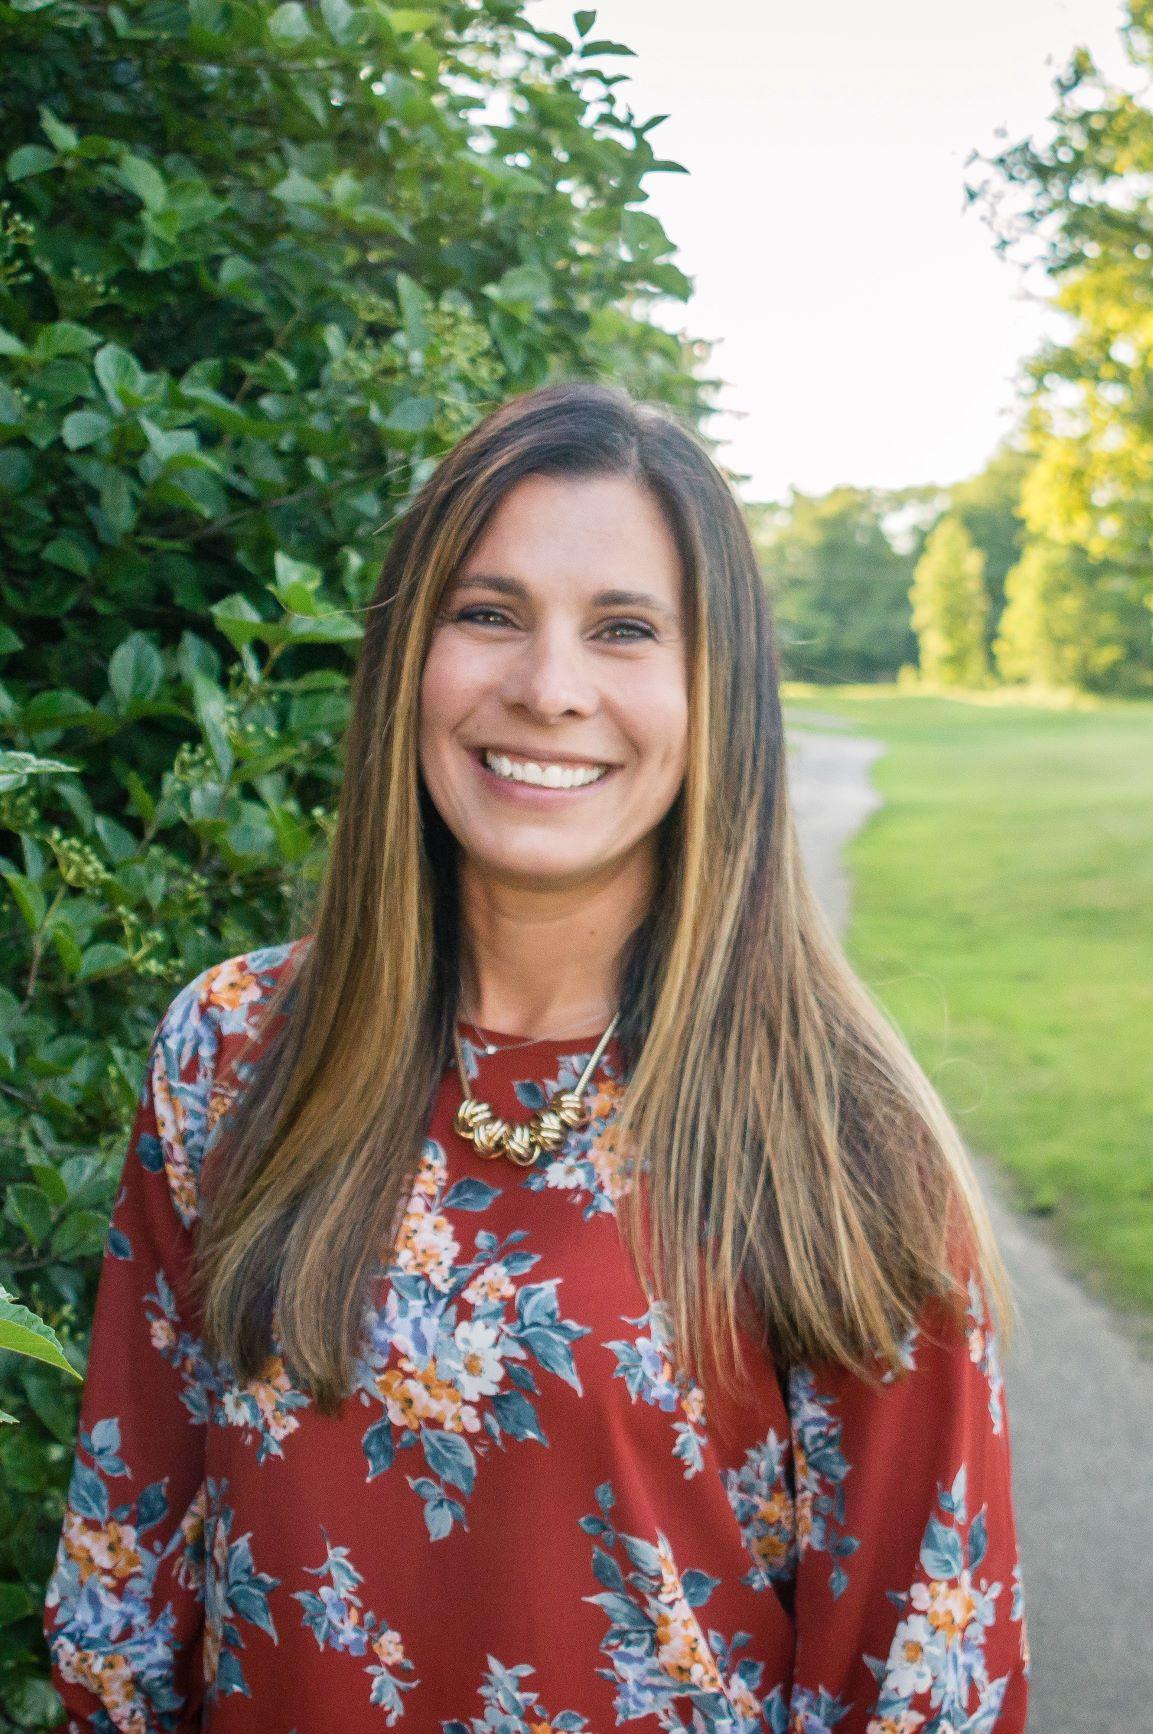 Renee Cavanagh